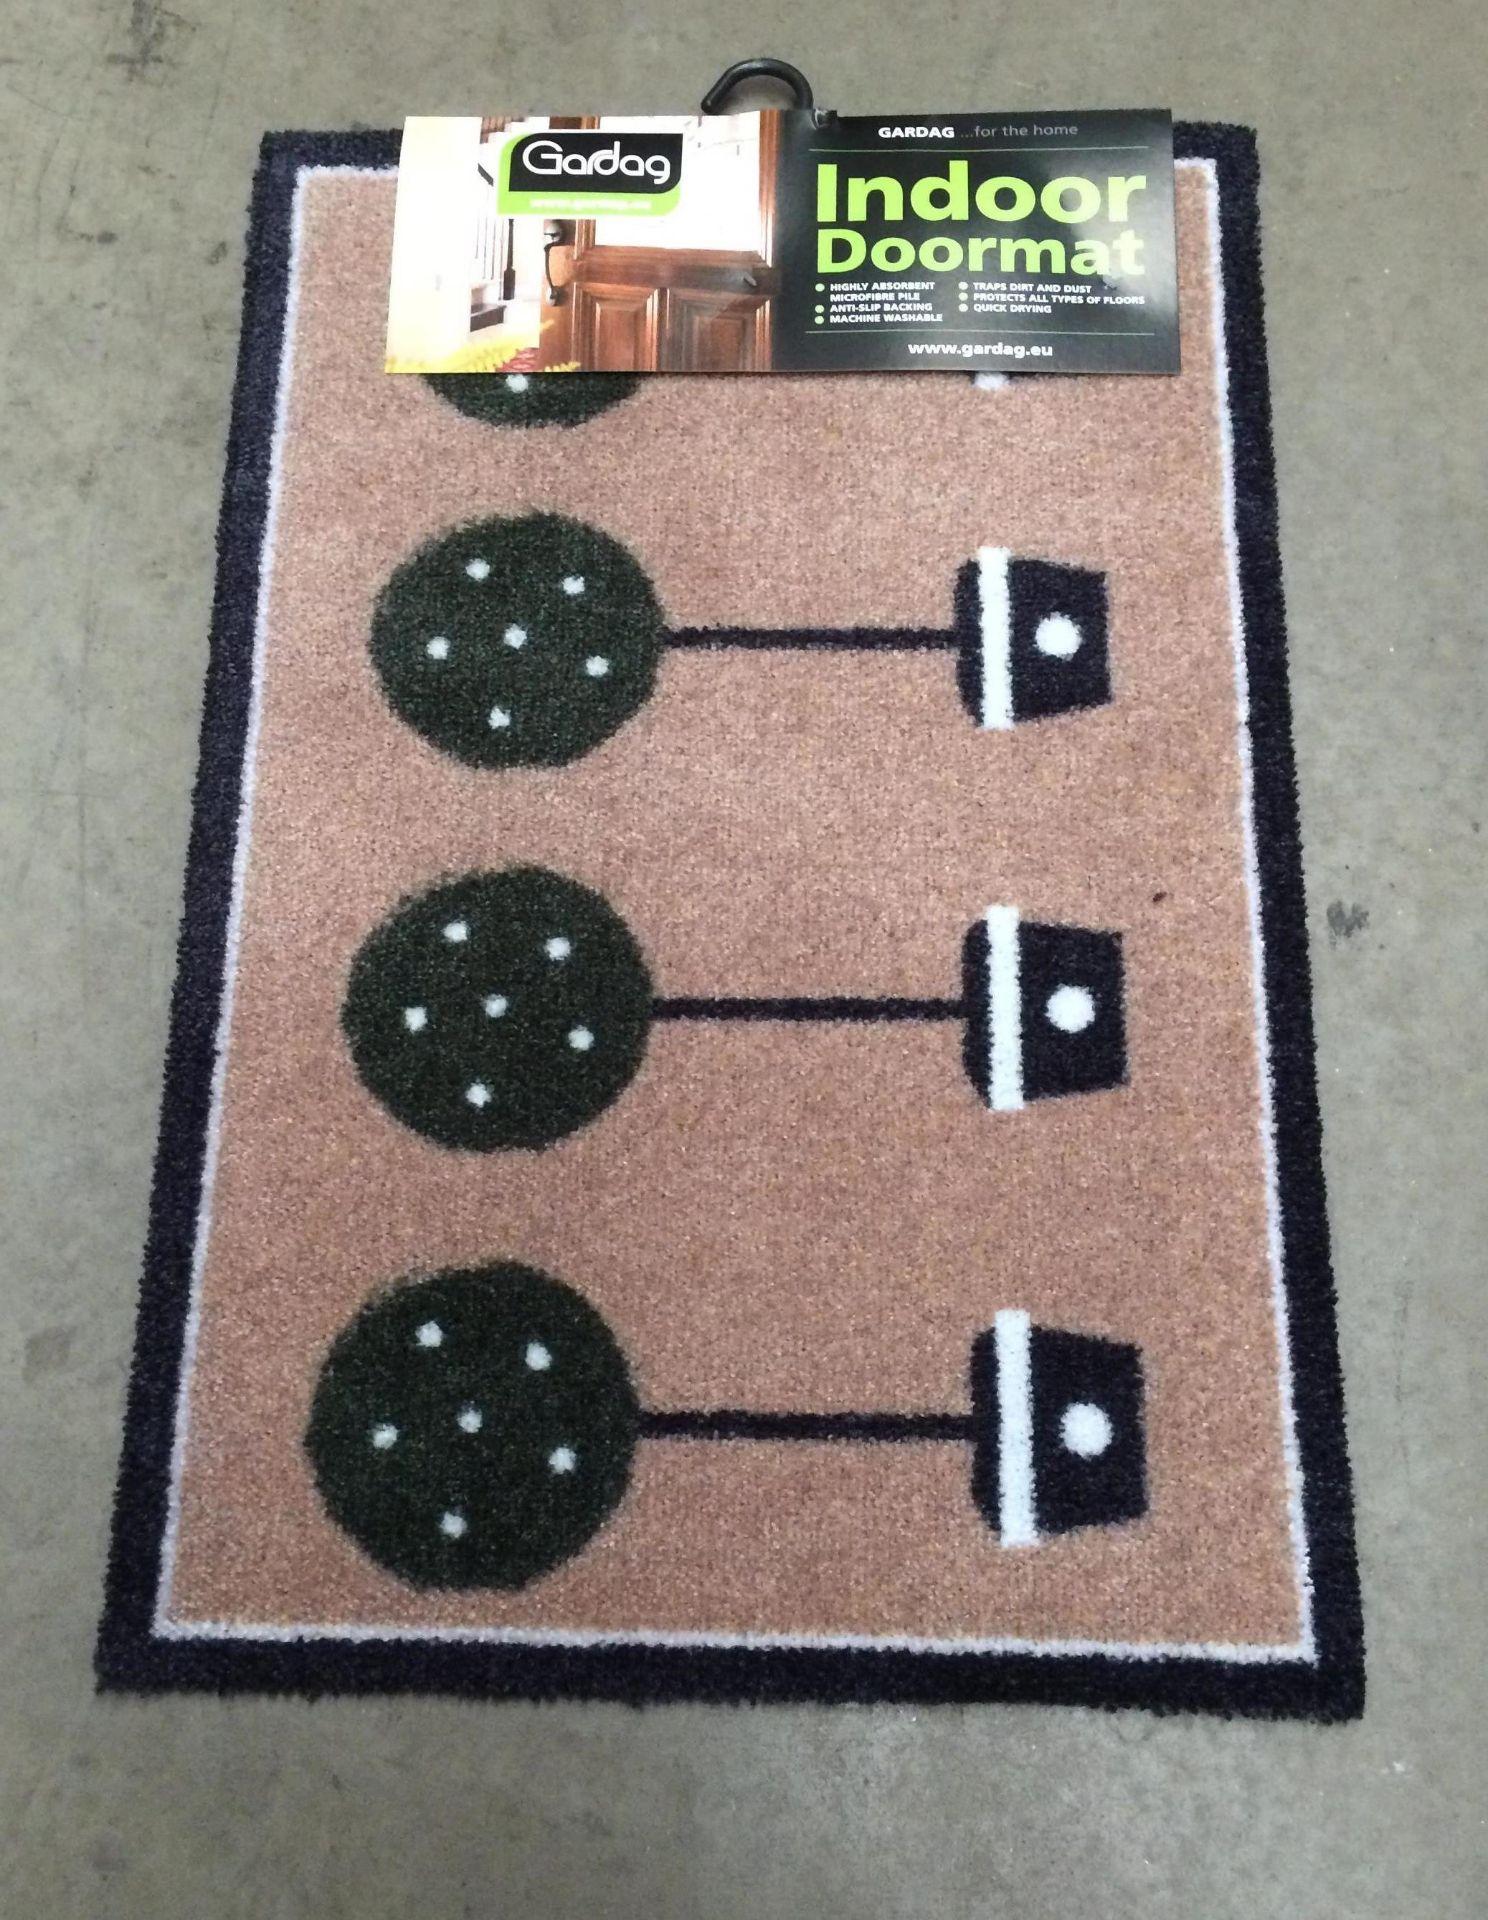 Lot 8 - 6 x Gardag Eco Flex designer topiary indoor door mats each 50 x 75cm